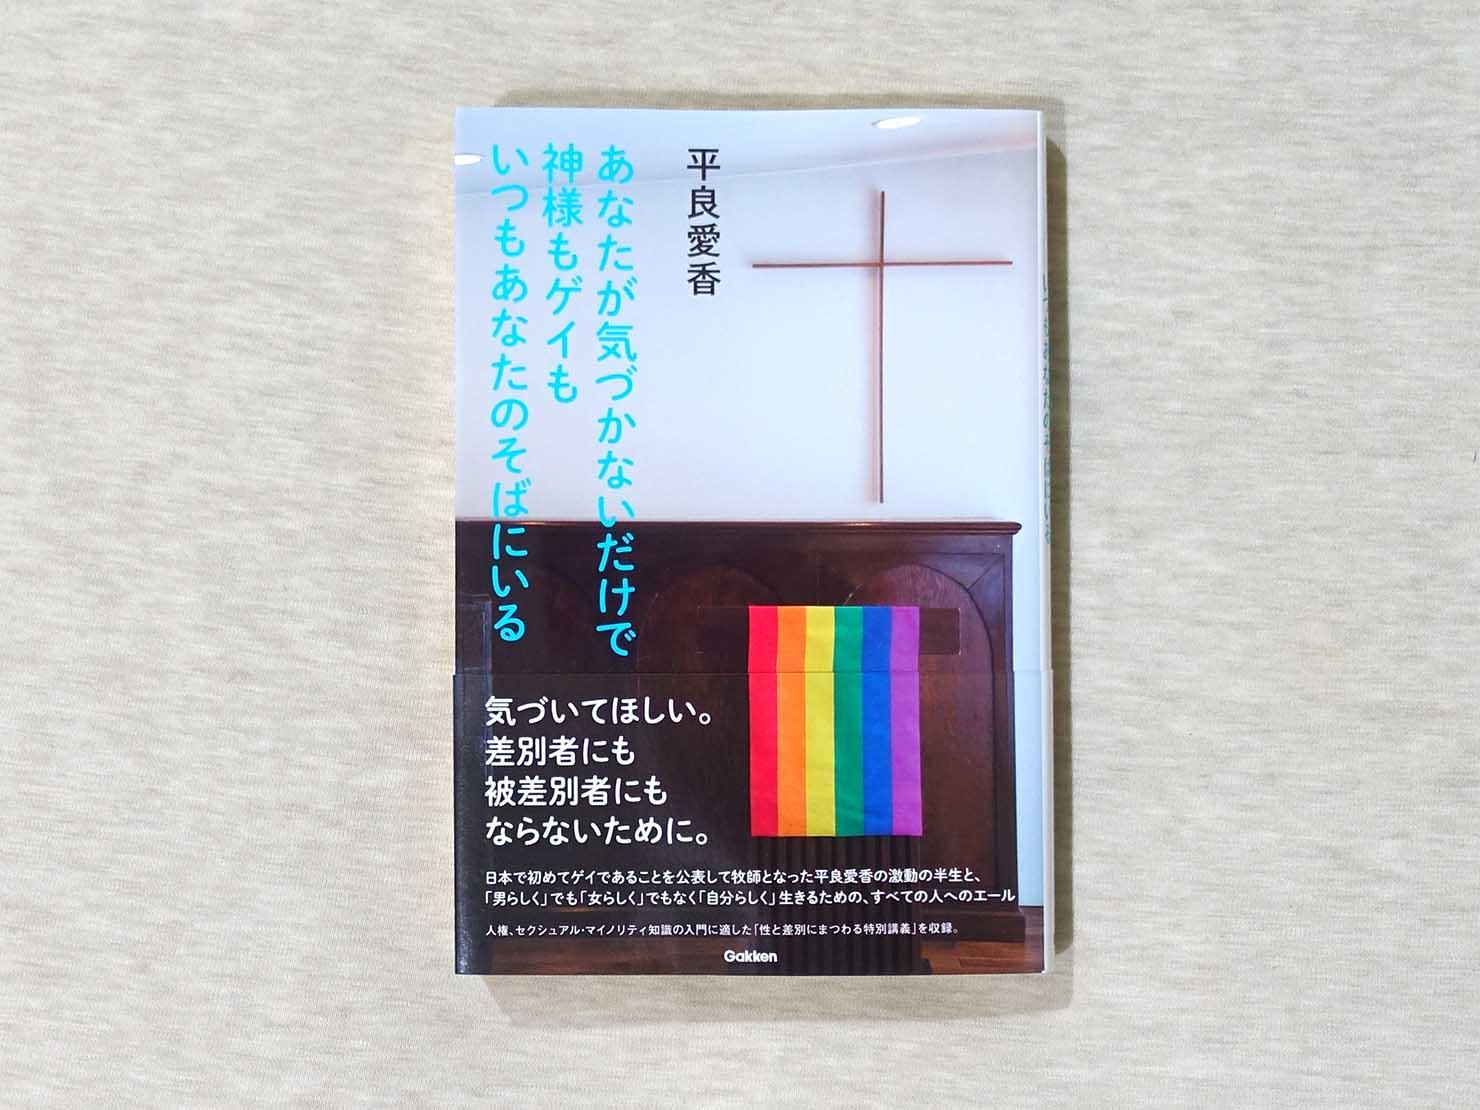 LGBT関連のおすすめ本『あなたが気づかないだけで神様もゲイもいつもあなたのそばにいる』